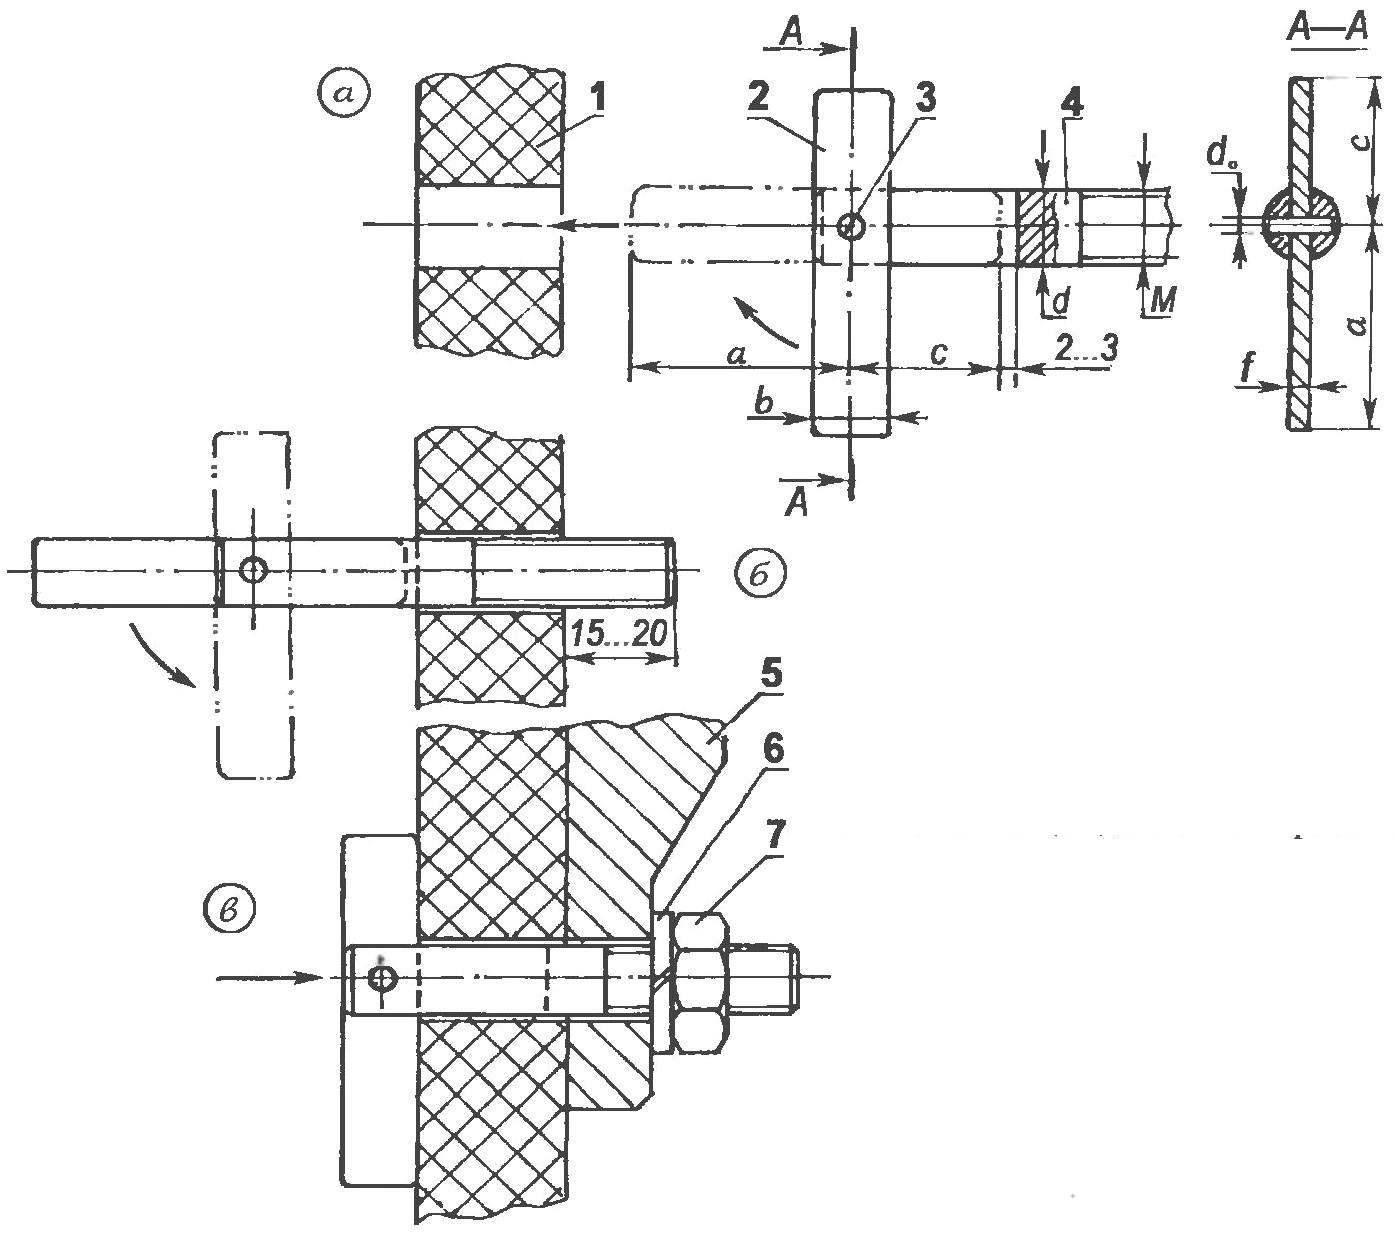 Крепление тяжелых навесных конструкций на тонкостенные перегородки щитового типа